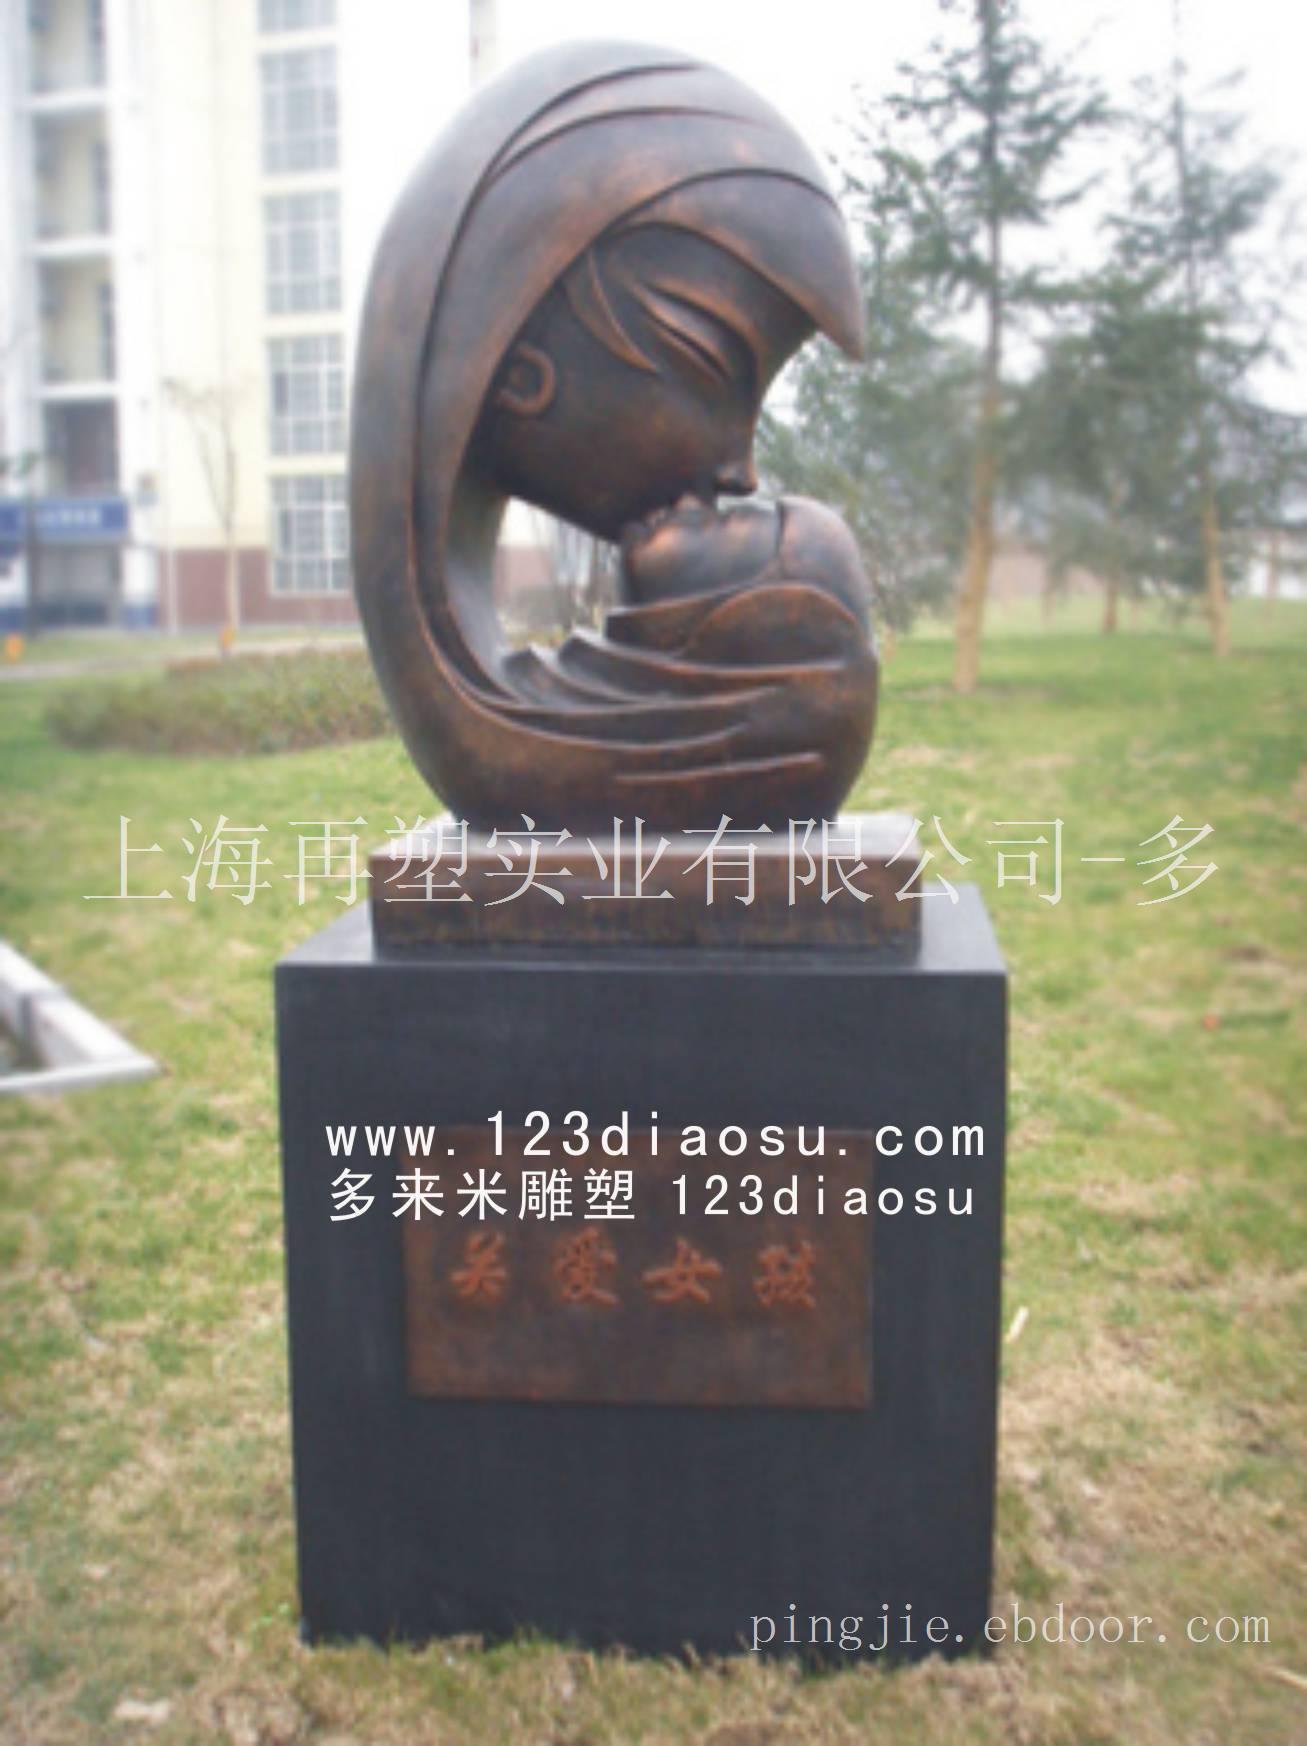 铸铜雕塑作品-上海铸铜雕塑大师作品